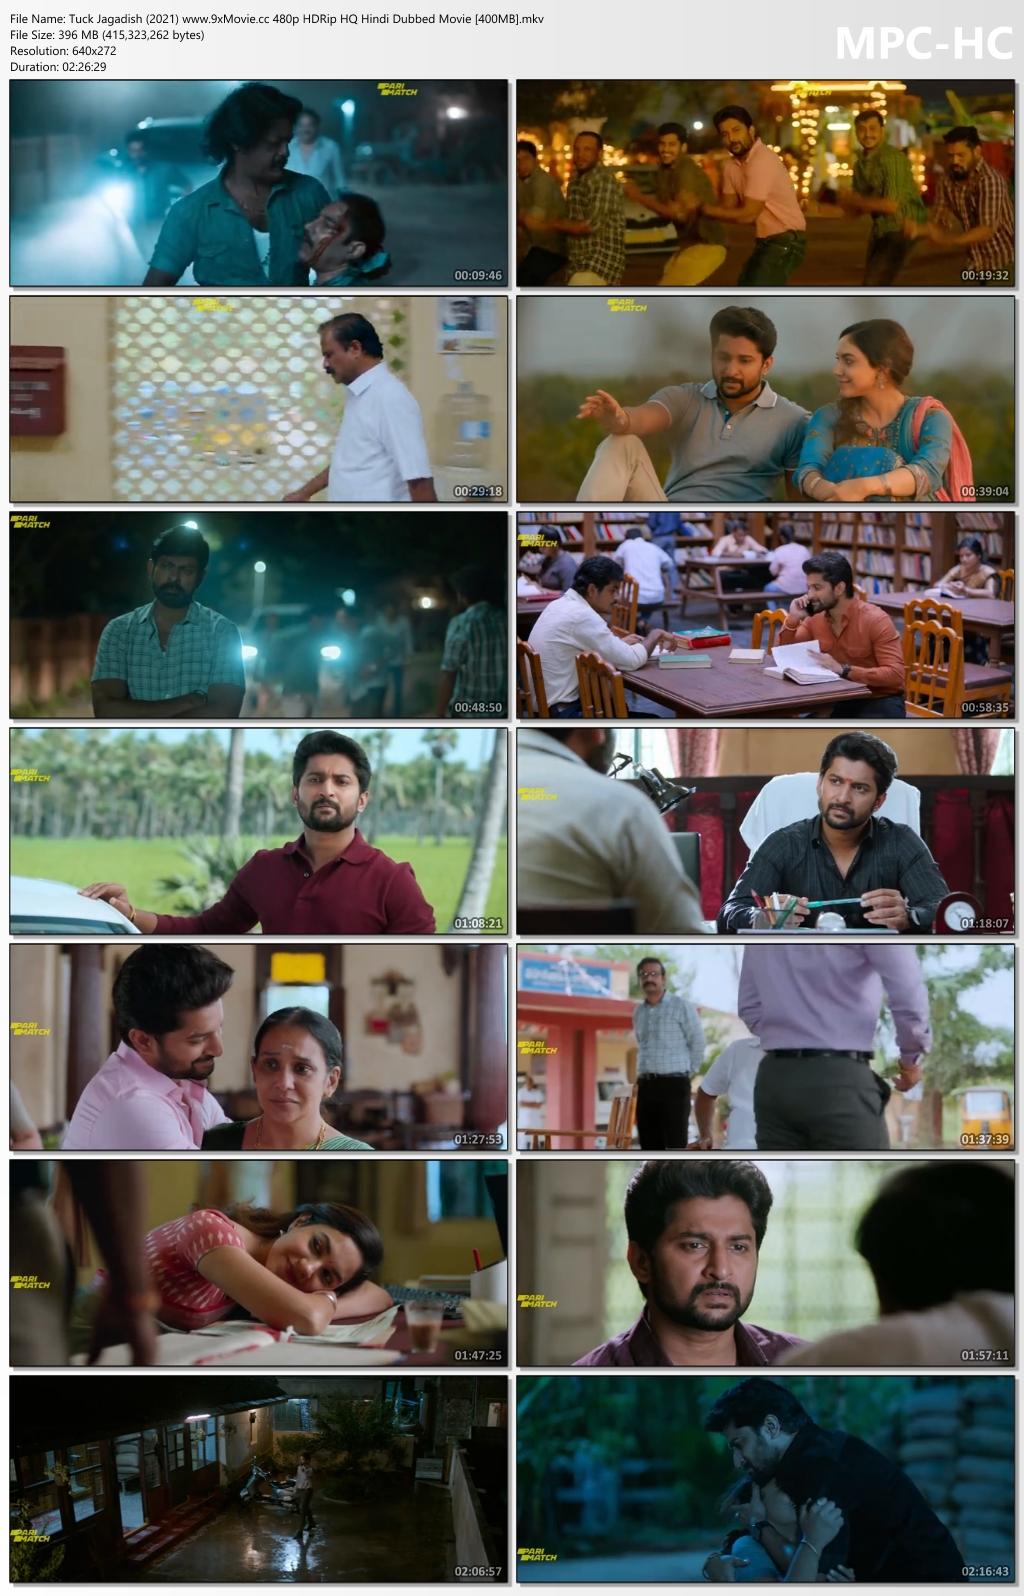 Tuck-Jagadish-2021-www-9x-Movie-cc-480p-HDRip-HQ-Hindi-Dubbed-Movie-400-MB-mkv